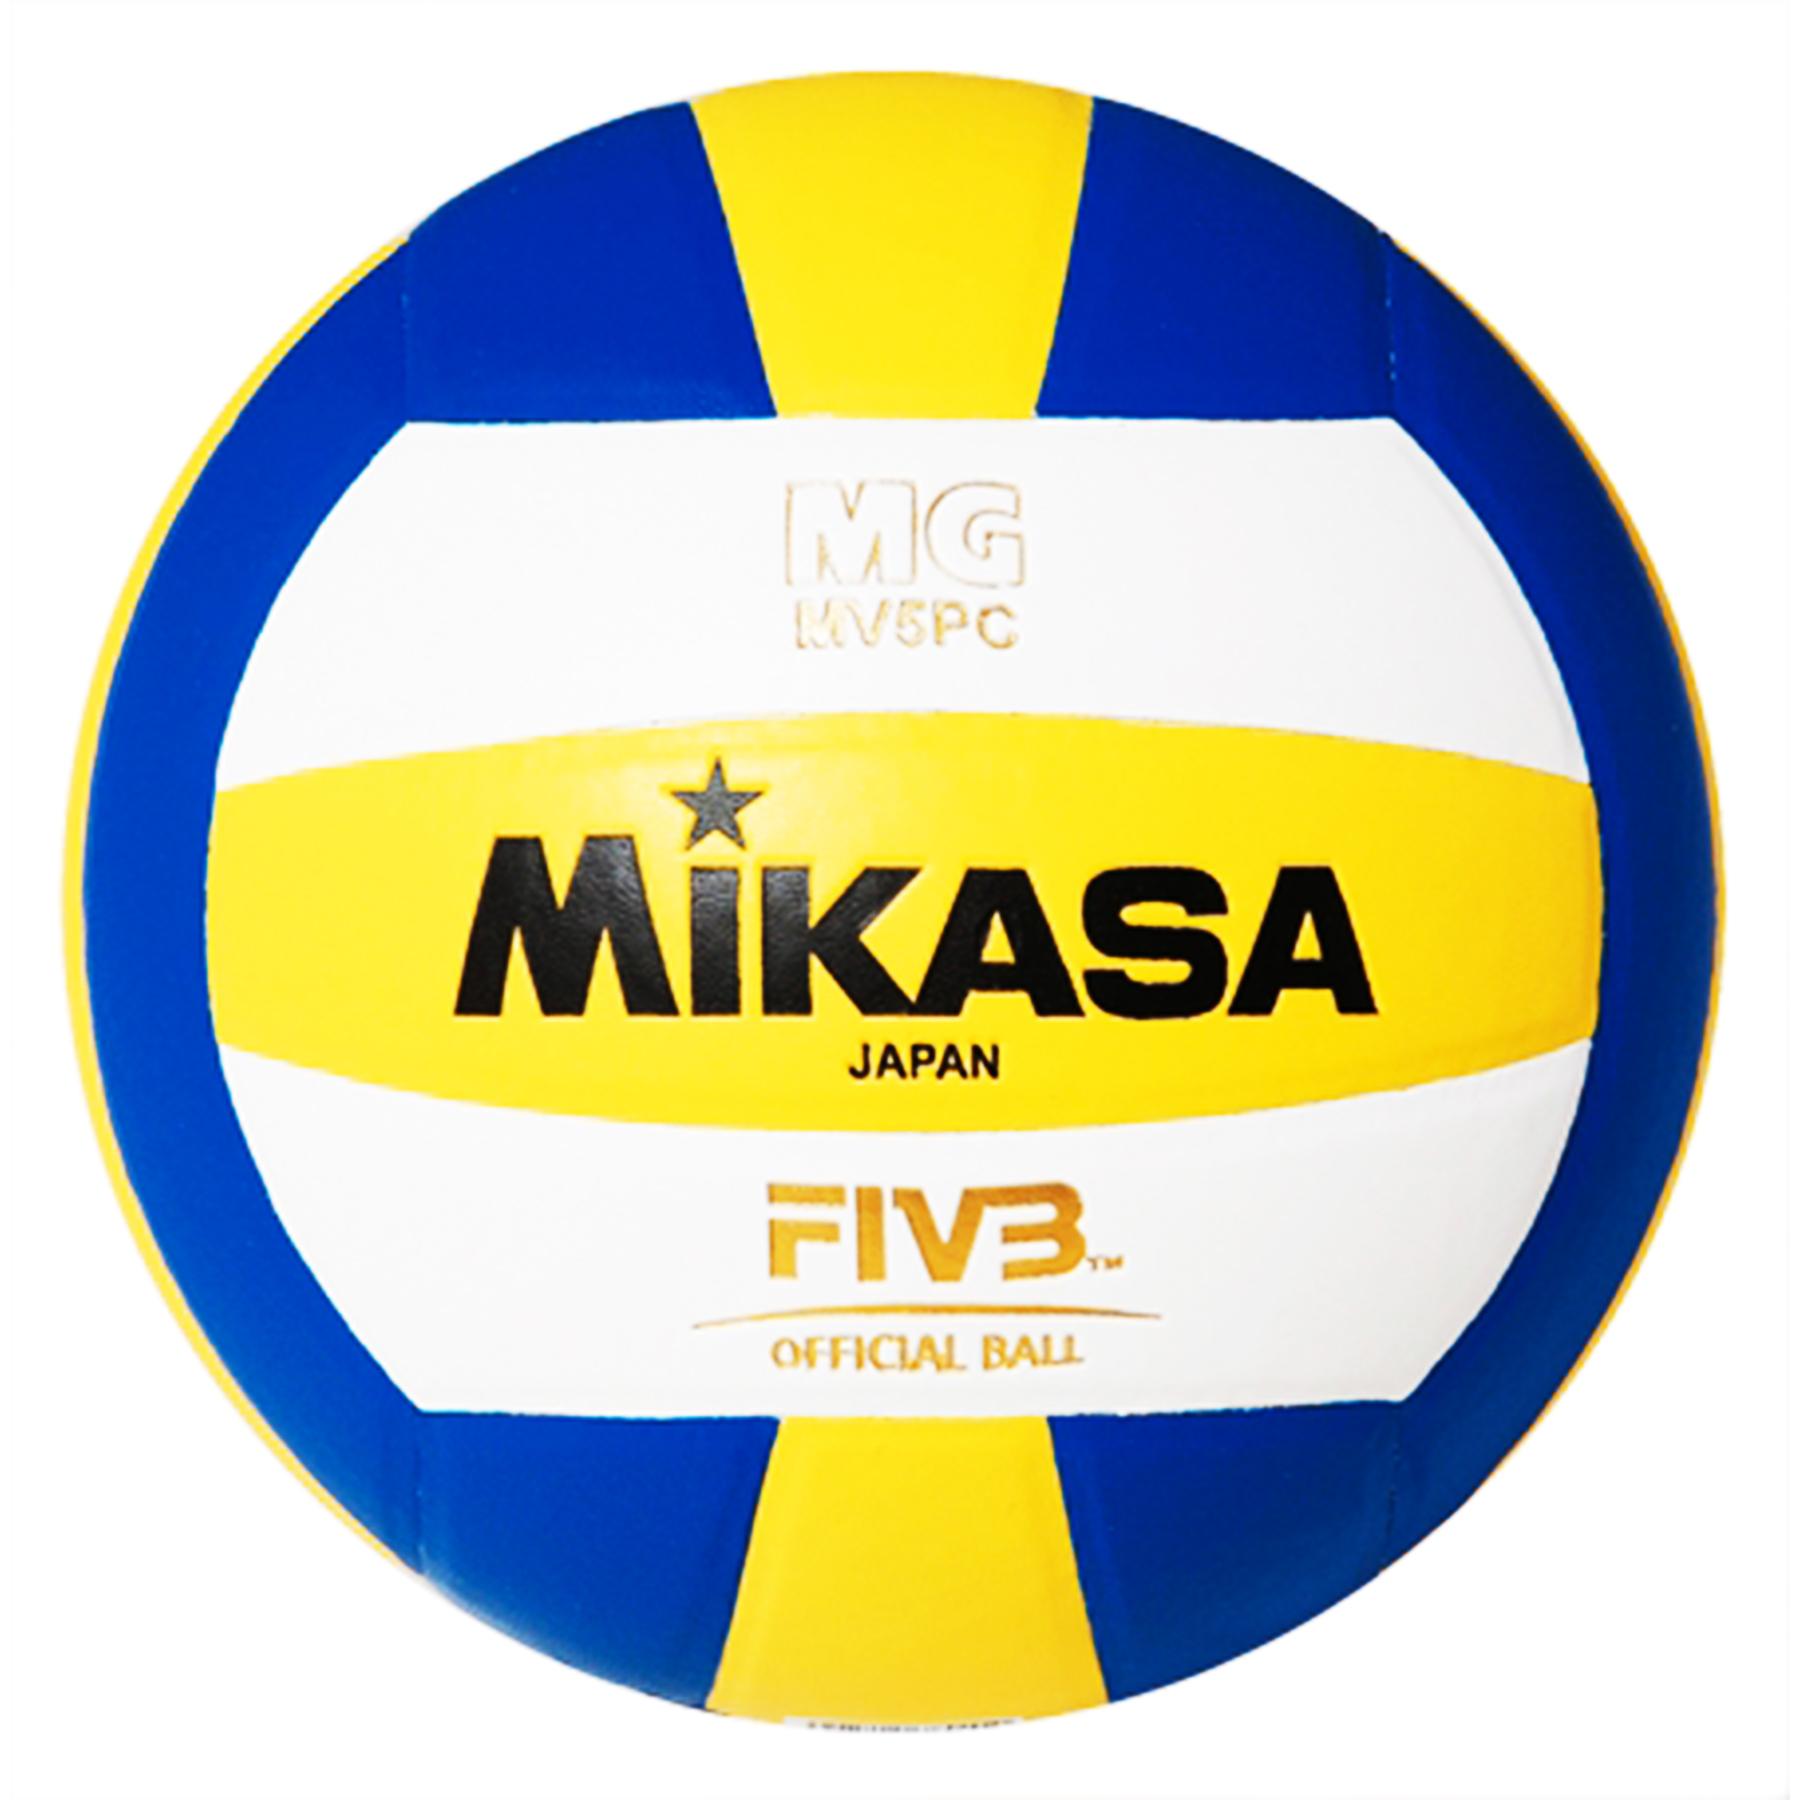 Мяч в/б Микаса MV5PC для тренировок, клееный, синт.кожа